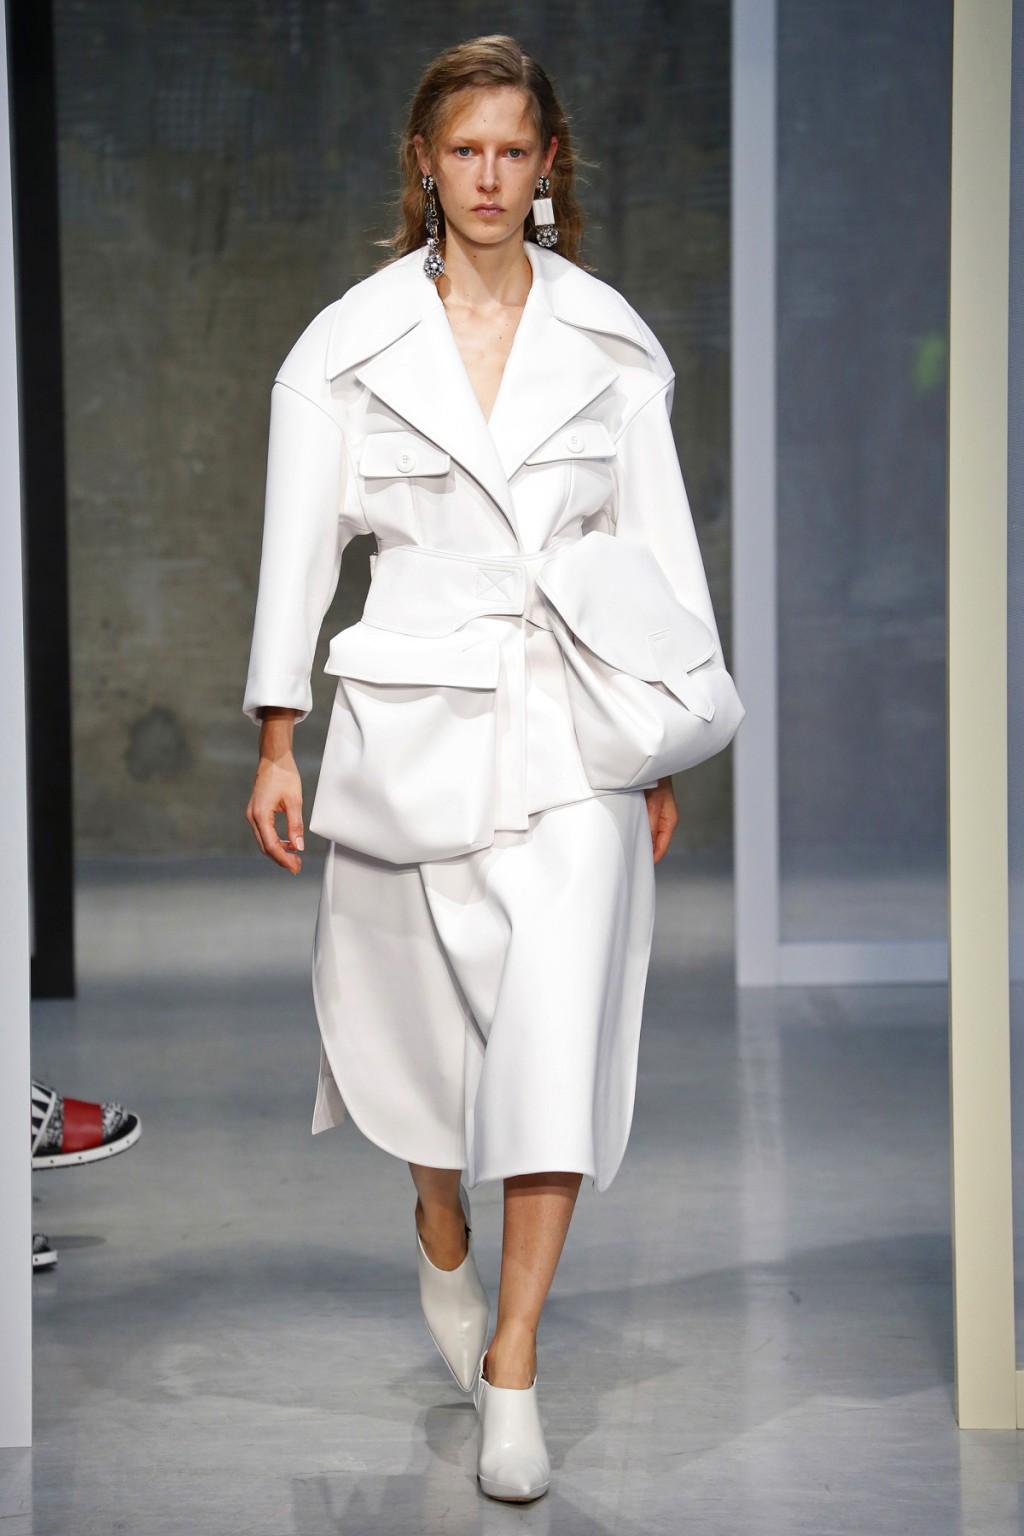 Những thiết kế monochrome đơn giản tạo nên một làn gió nhẹ tho Tuần lễ thời trang Milan ngập tràn những thiết kế cầu kỳ